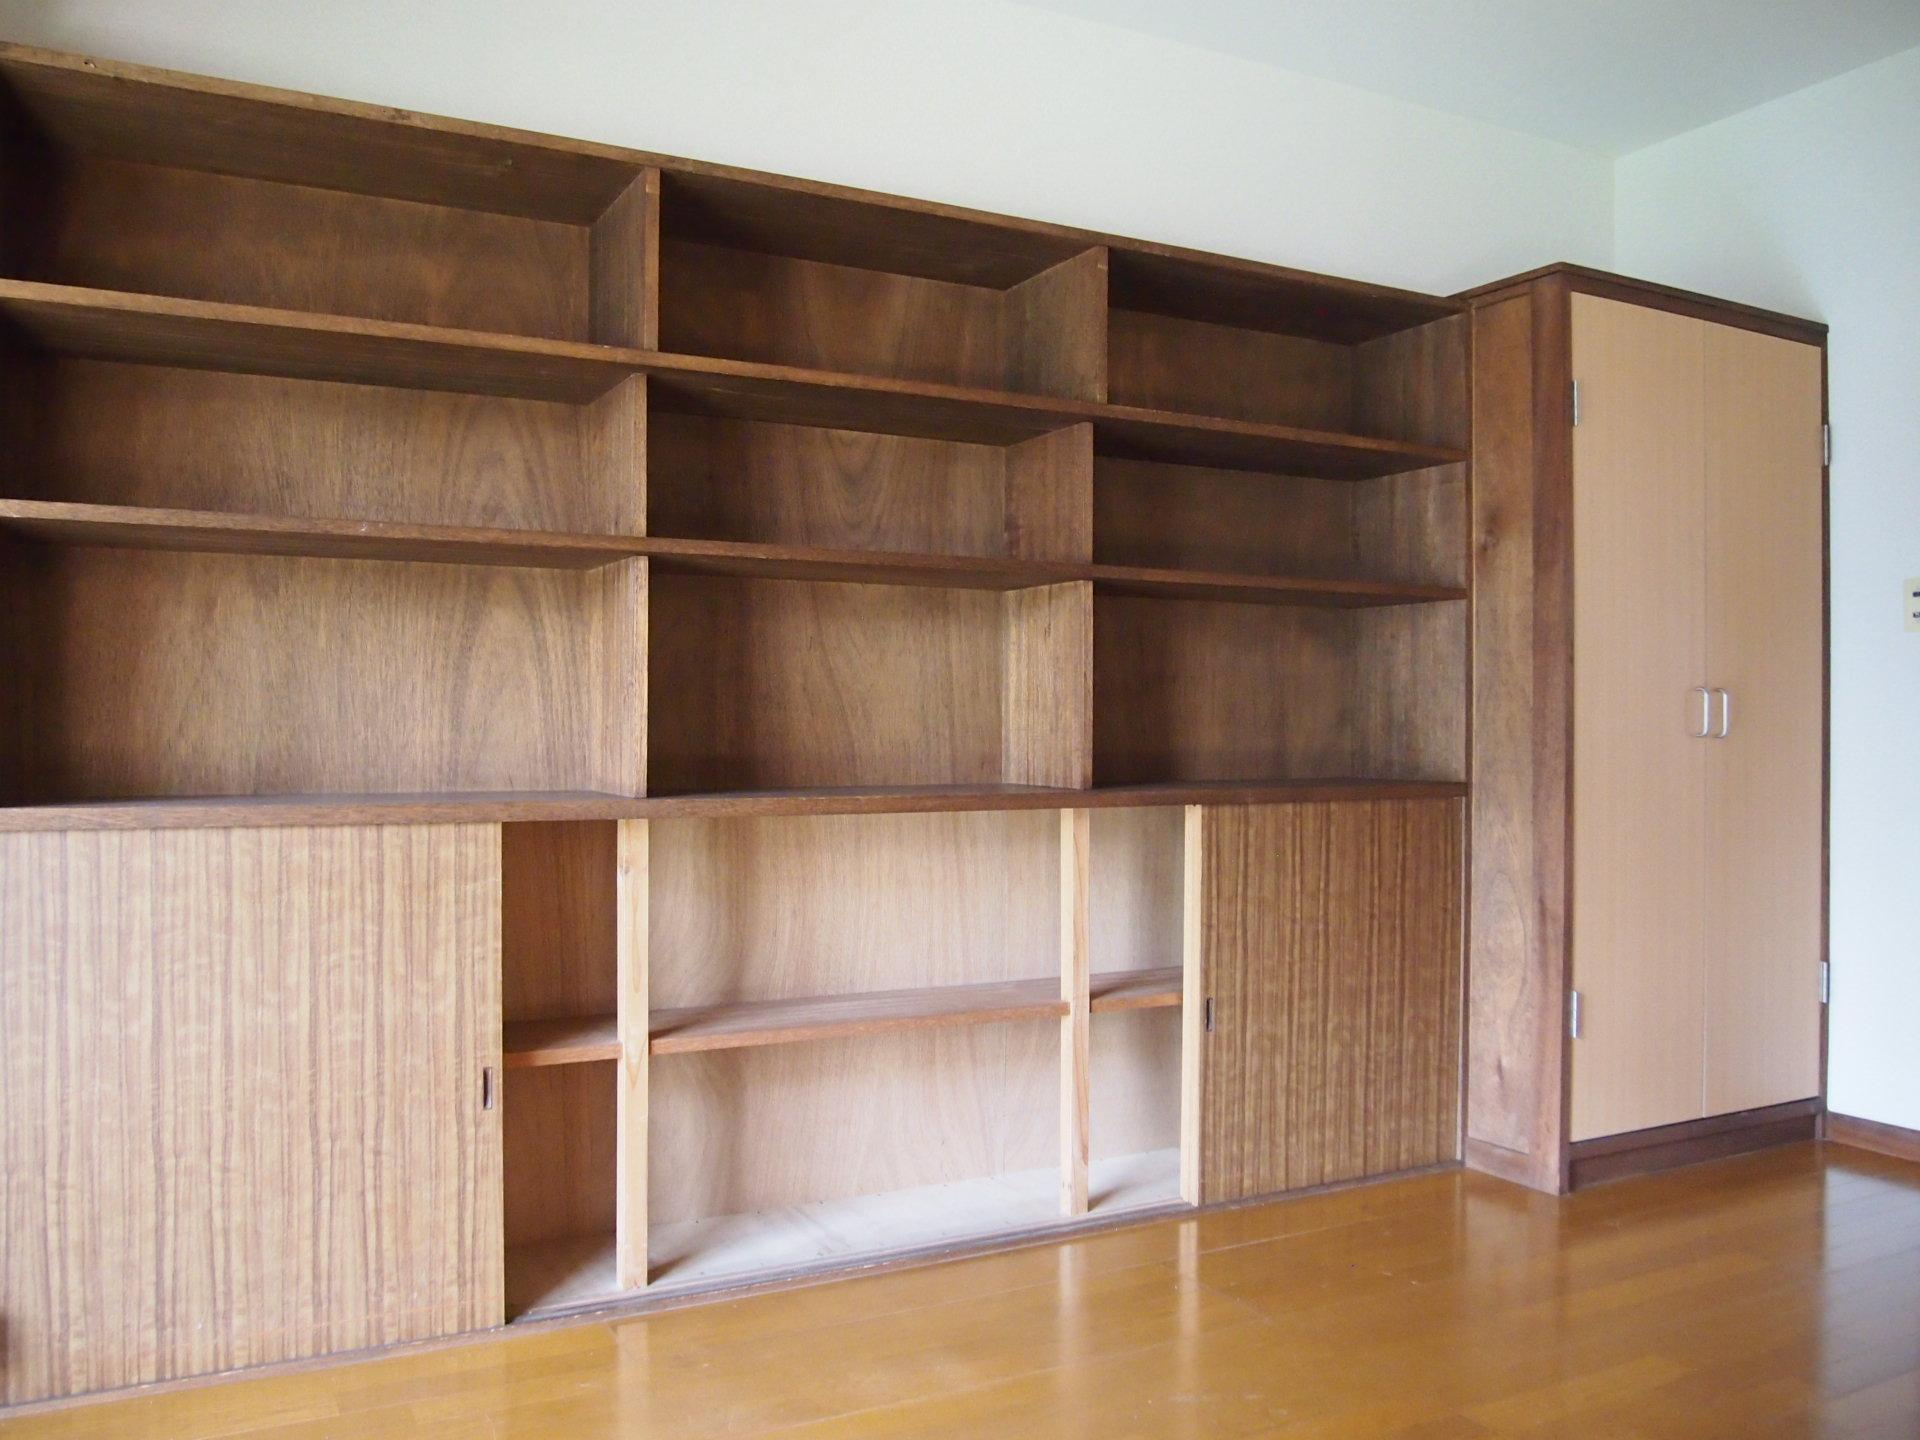 備え付けの棚もいい具合。適当に食器や雑貨を並べるだけできっと絵になる。